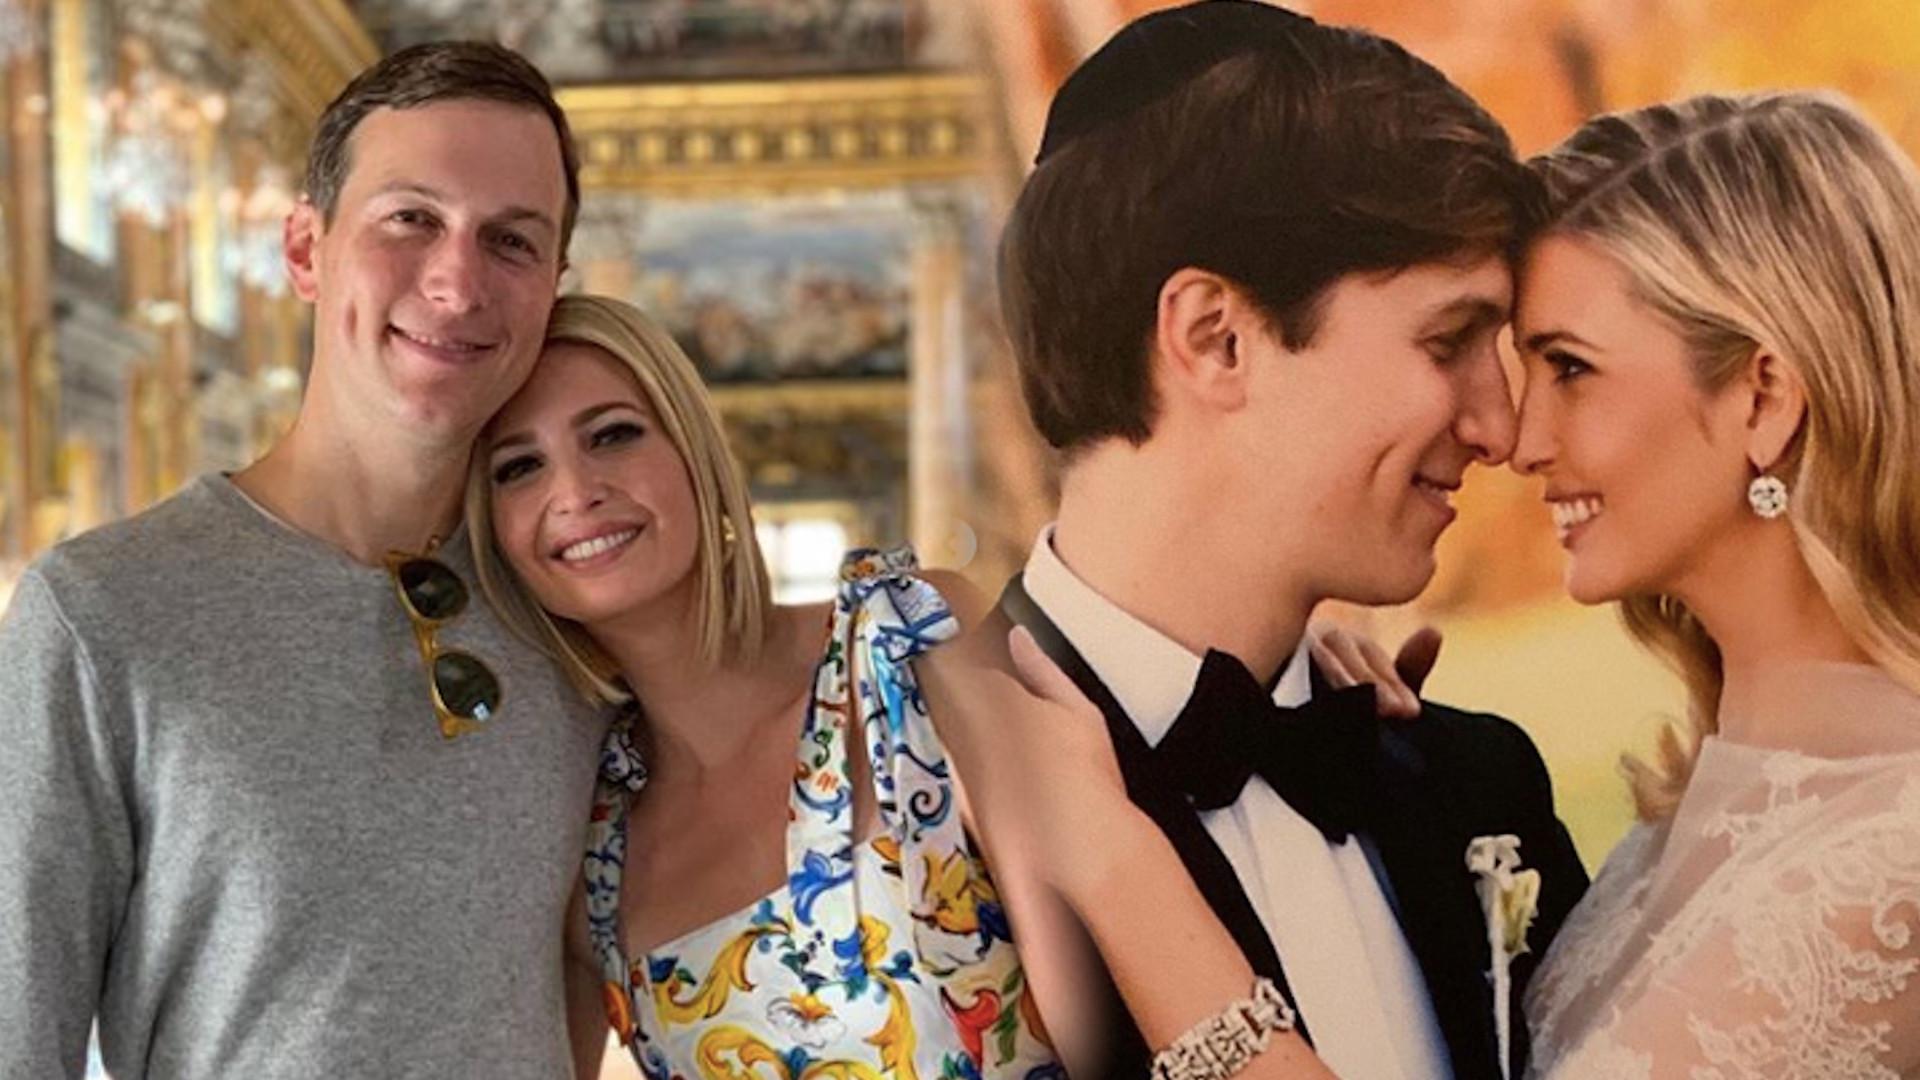 Ivanka Trump celebruje 10 rocznicę ŚLUBU. Pokazała suknię ślubną na Instagramie